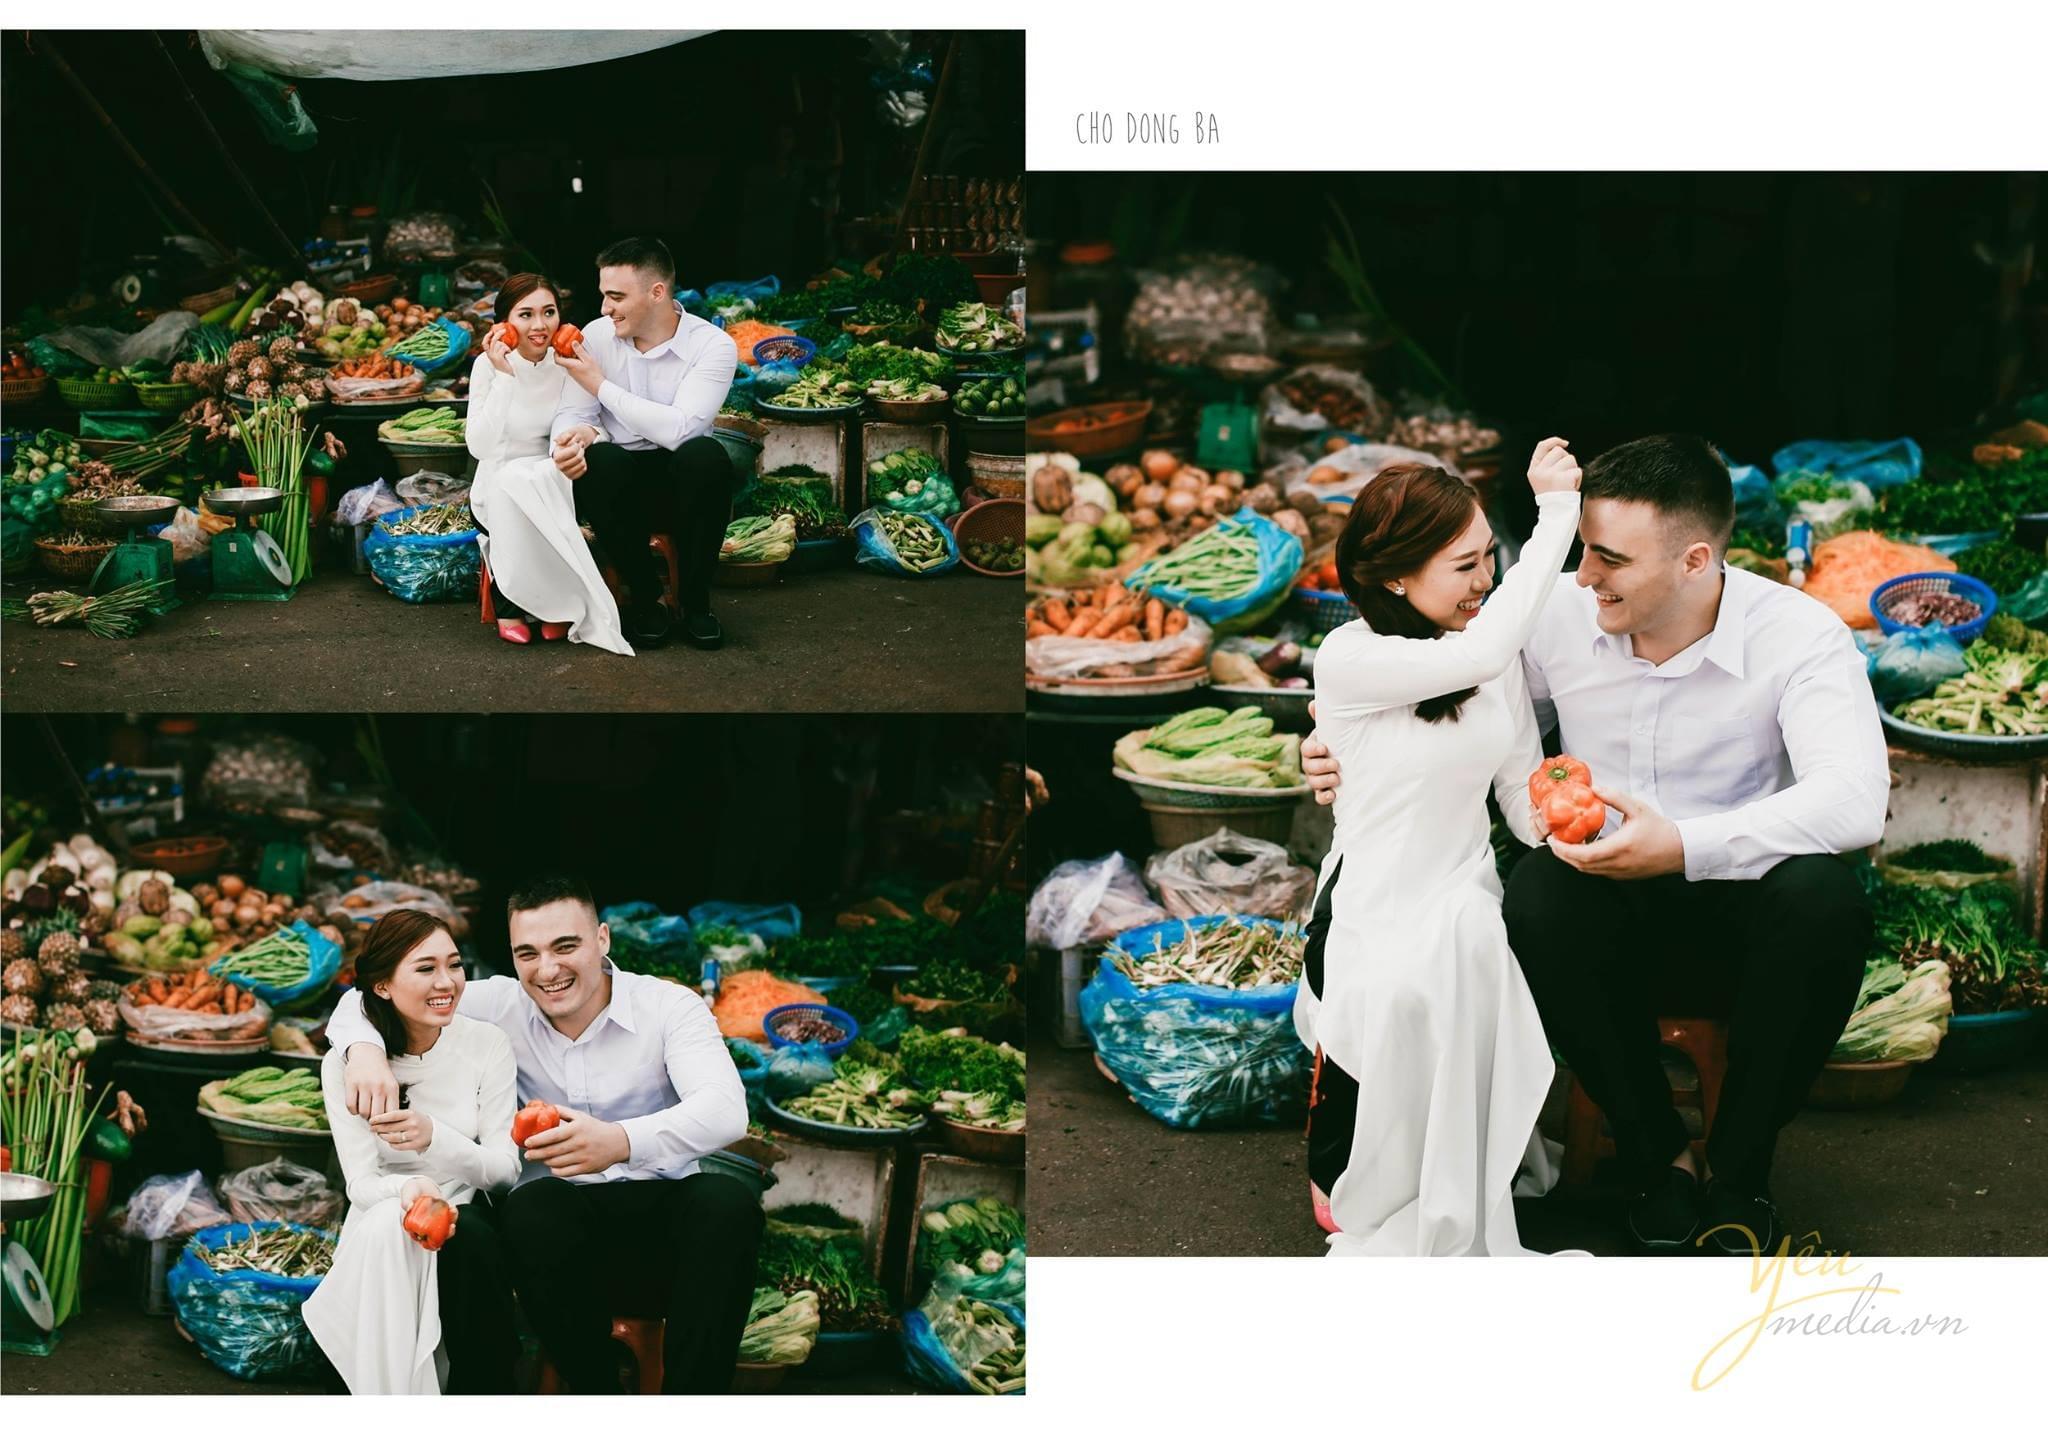 ảnh cưới cô dấu mặc áo dài trắng ngồi với chú rể trong chợ